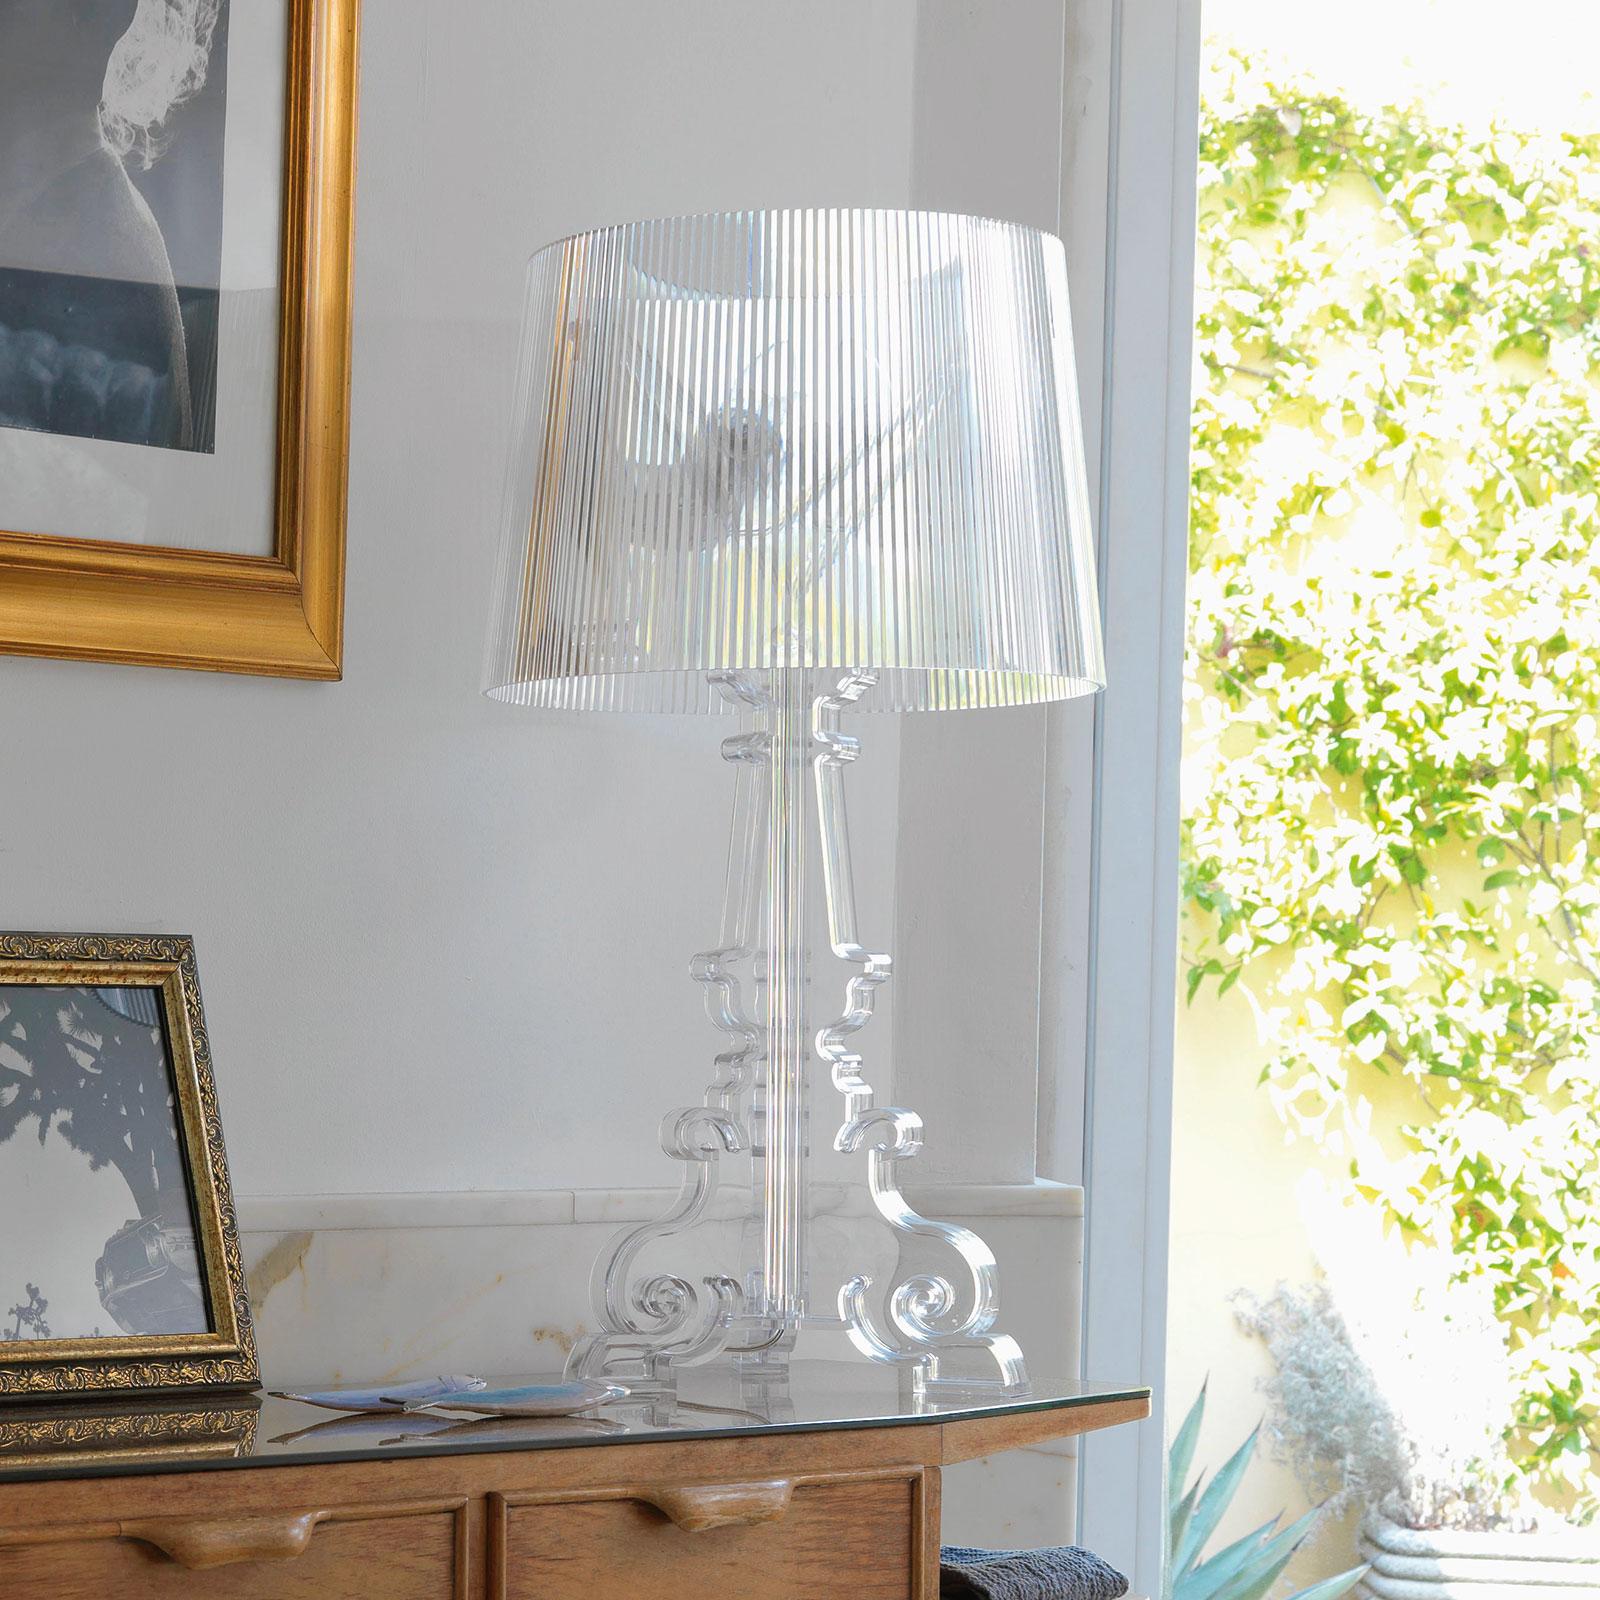 Lampe à poser LED de designer Bourgie, transp.